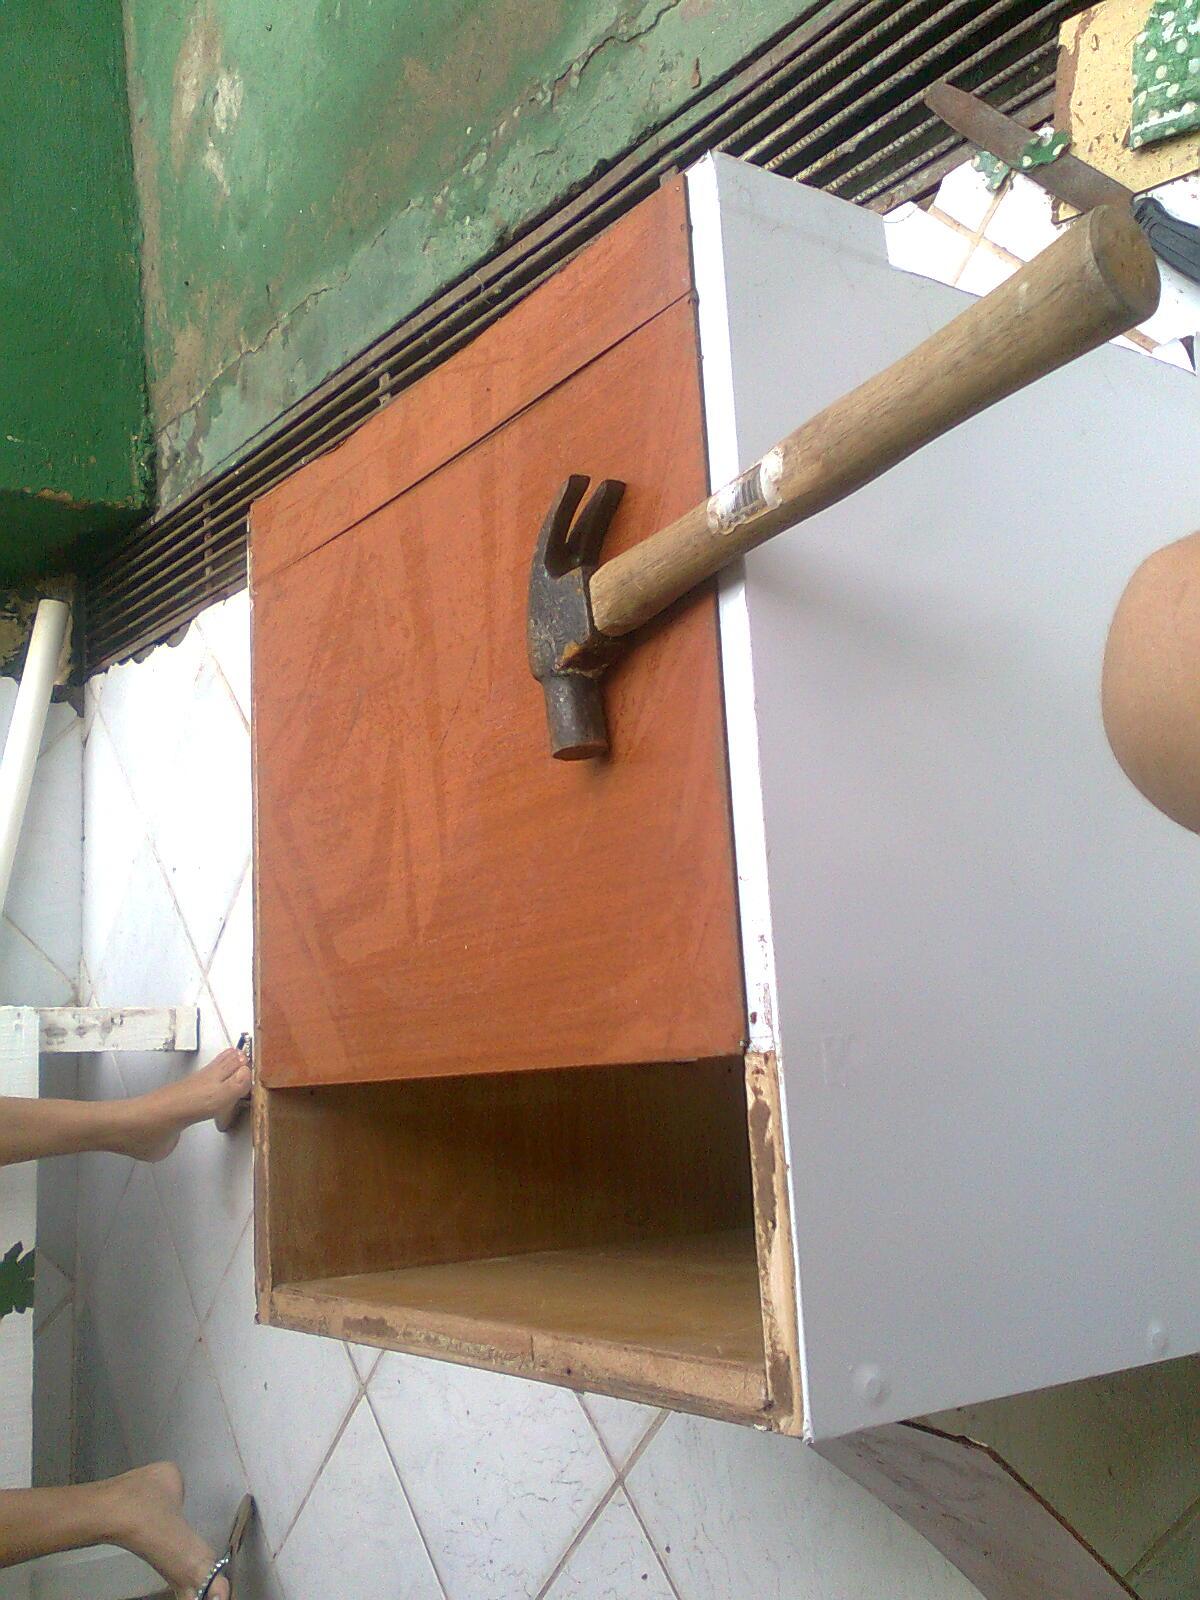 Pregando a madeira usei fundos de gaveta só fiz cortar e pregar  #945537 1200x1600